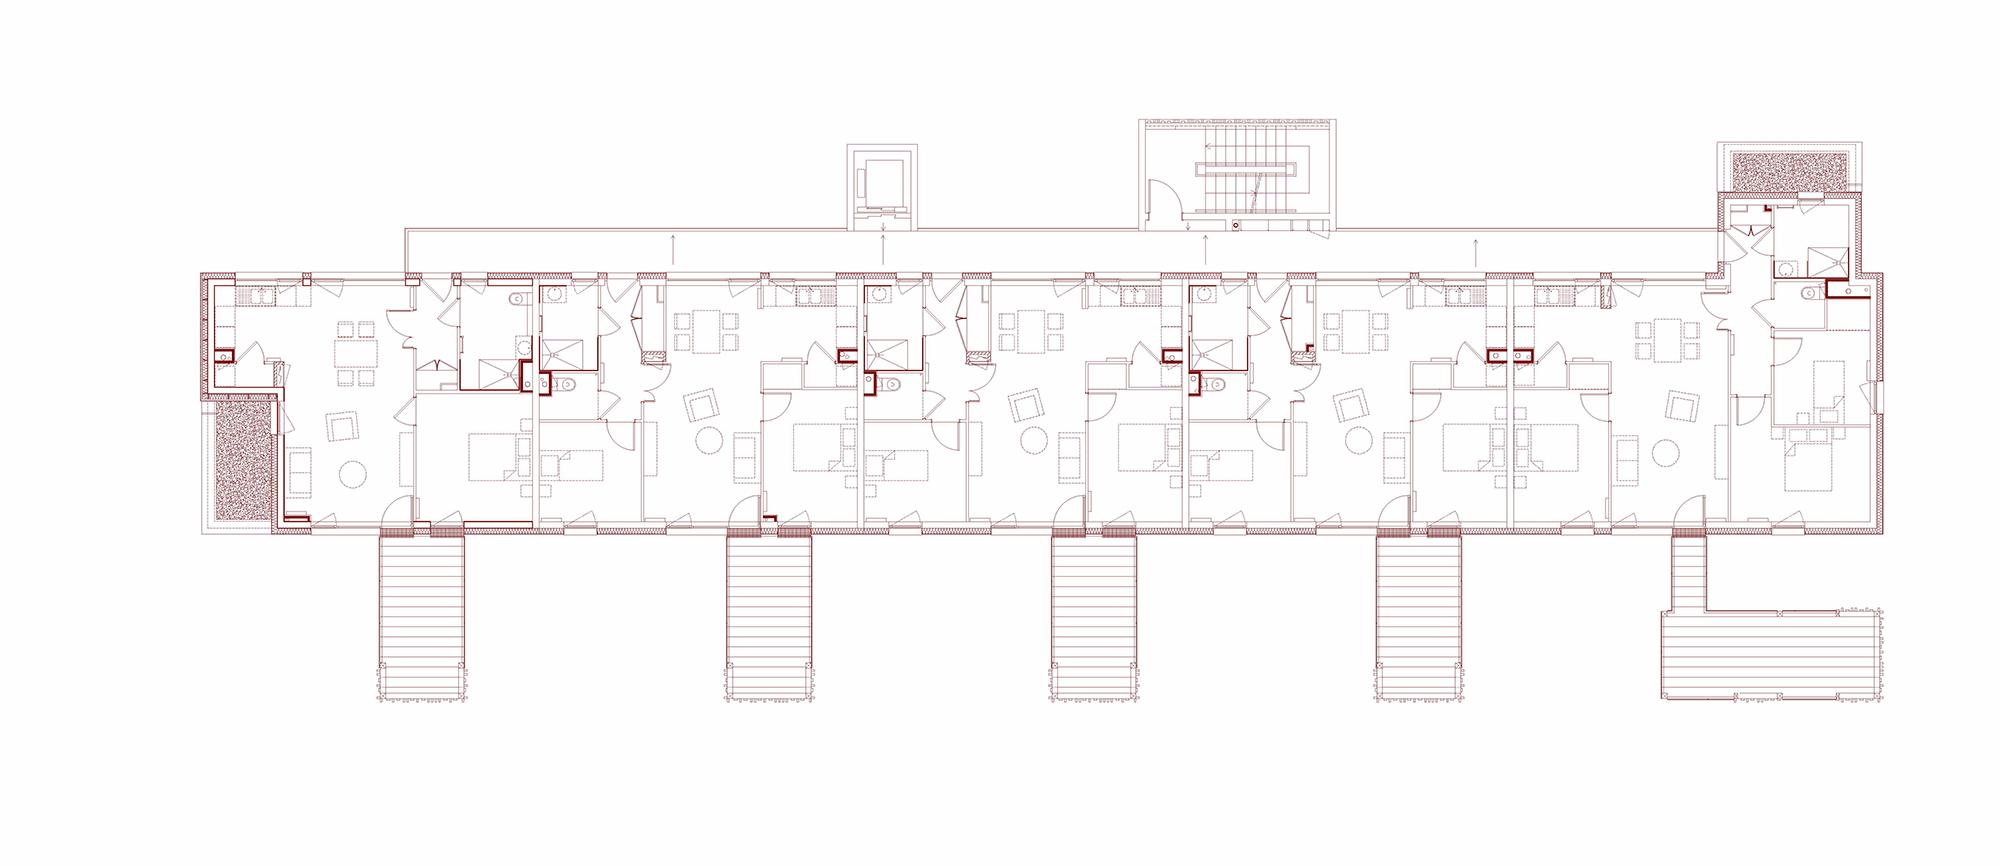 28 logements en accession sociale obernai ixo architecture for Courant architectural